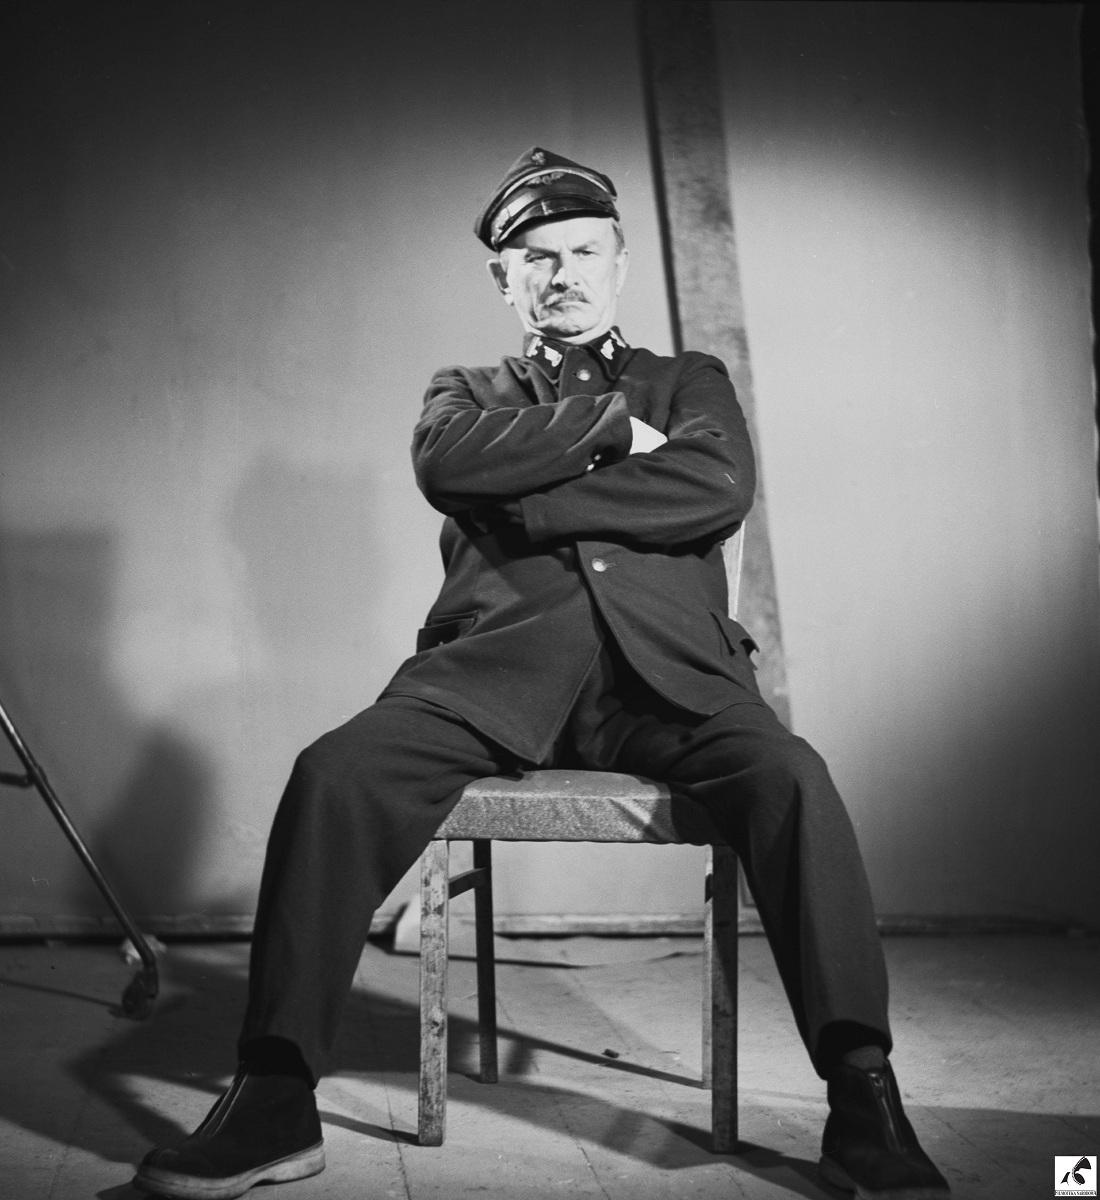 """Reż. Andrzej Munk """"Błękitny krzyż"""", 1955 - kadr z filmu, materiał udostępniony przez organizatora"""